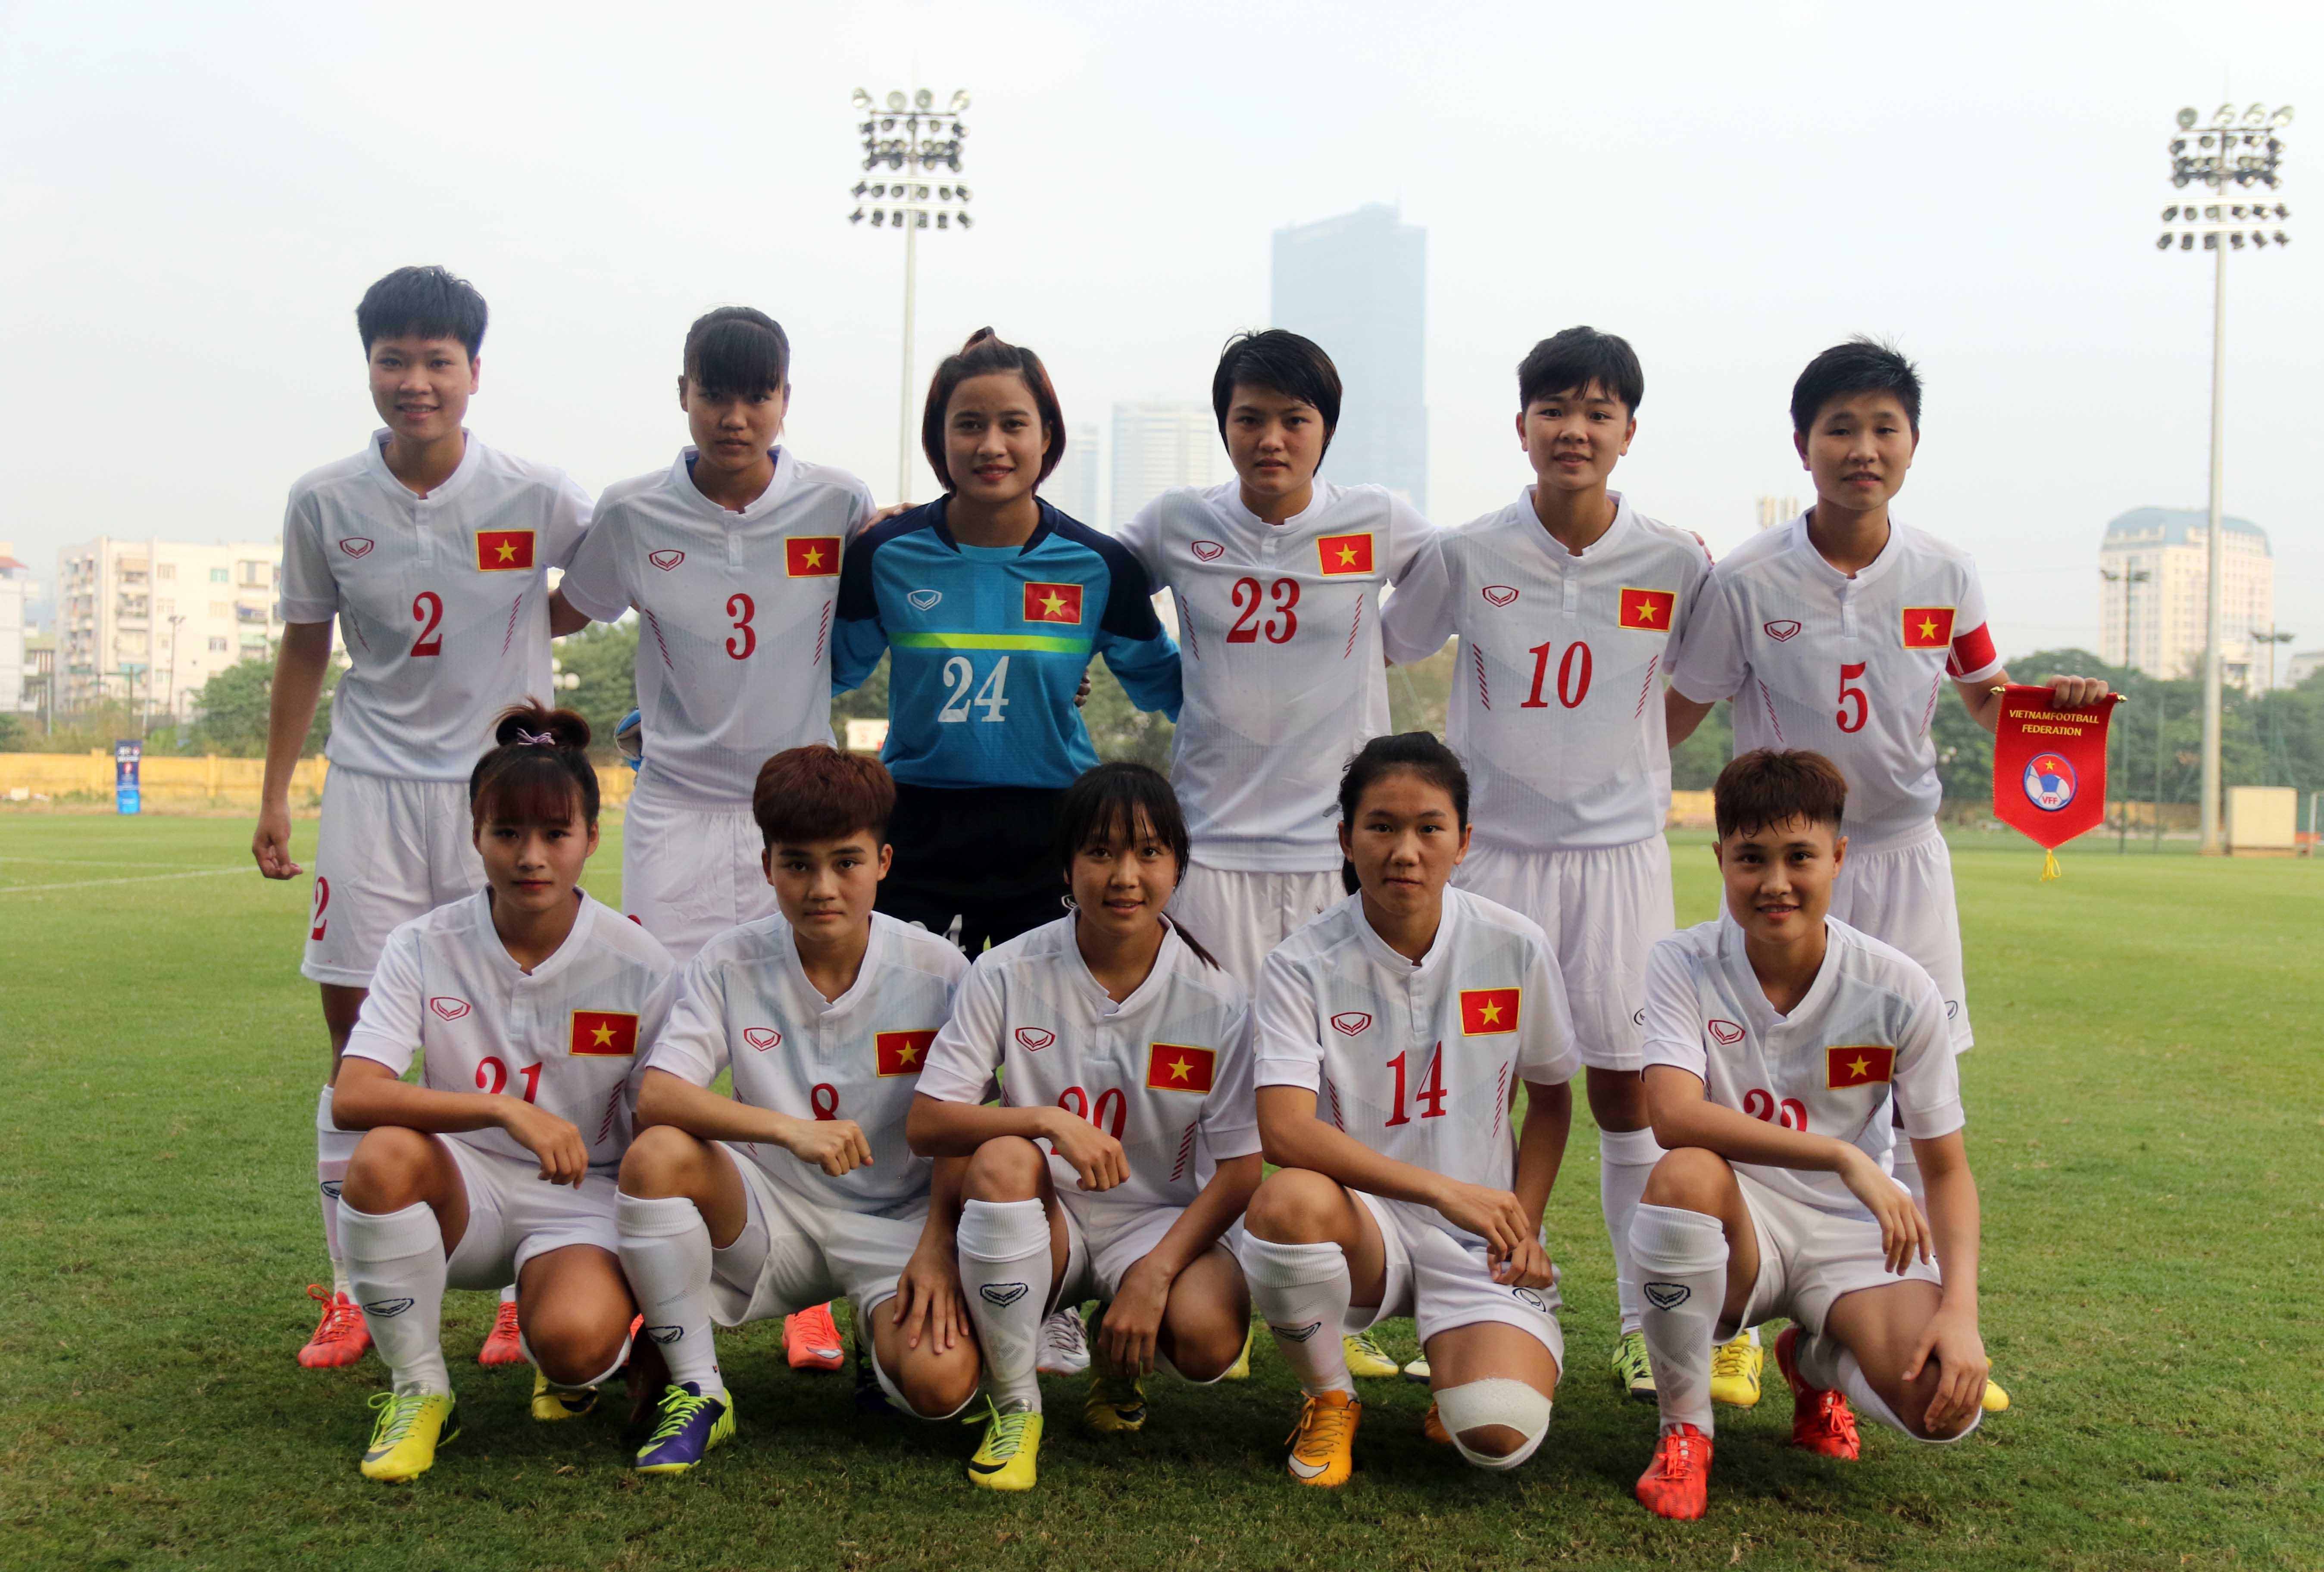 Chùm ảnh U19 Việt Nam - U19 IRAN tại vòng loại bảng D giải Bóng đá U19 Nữ Châu Á 2016